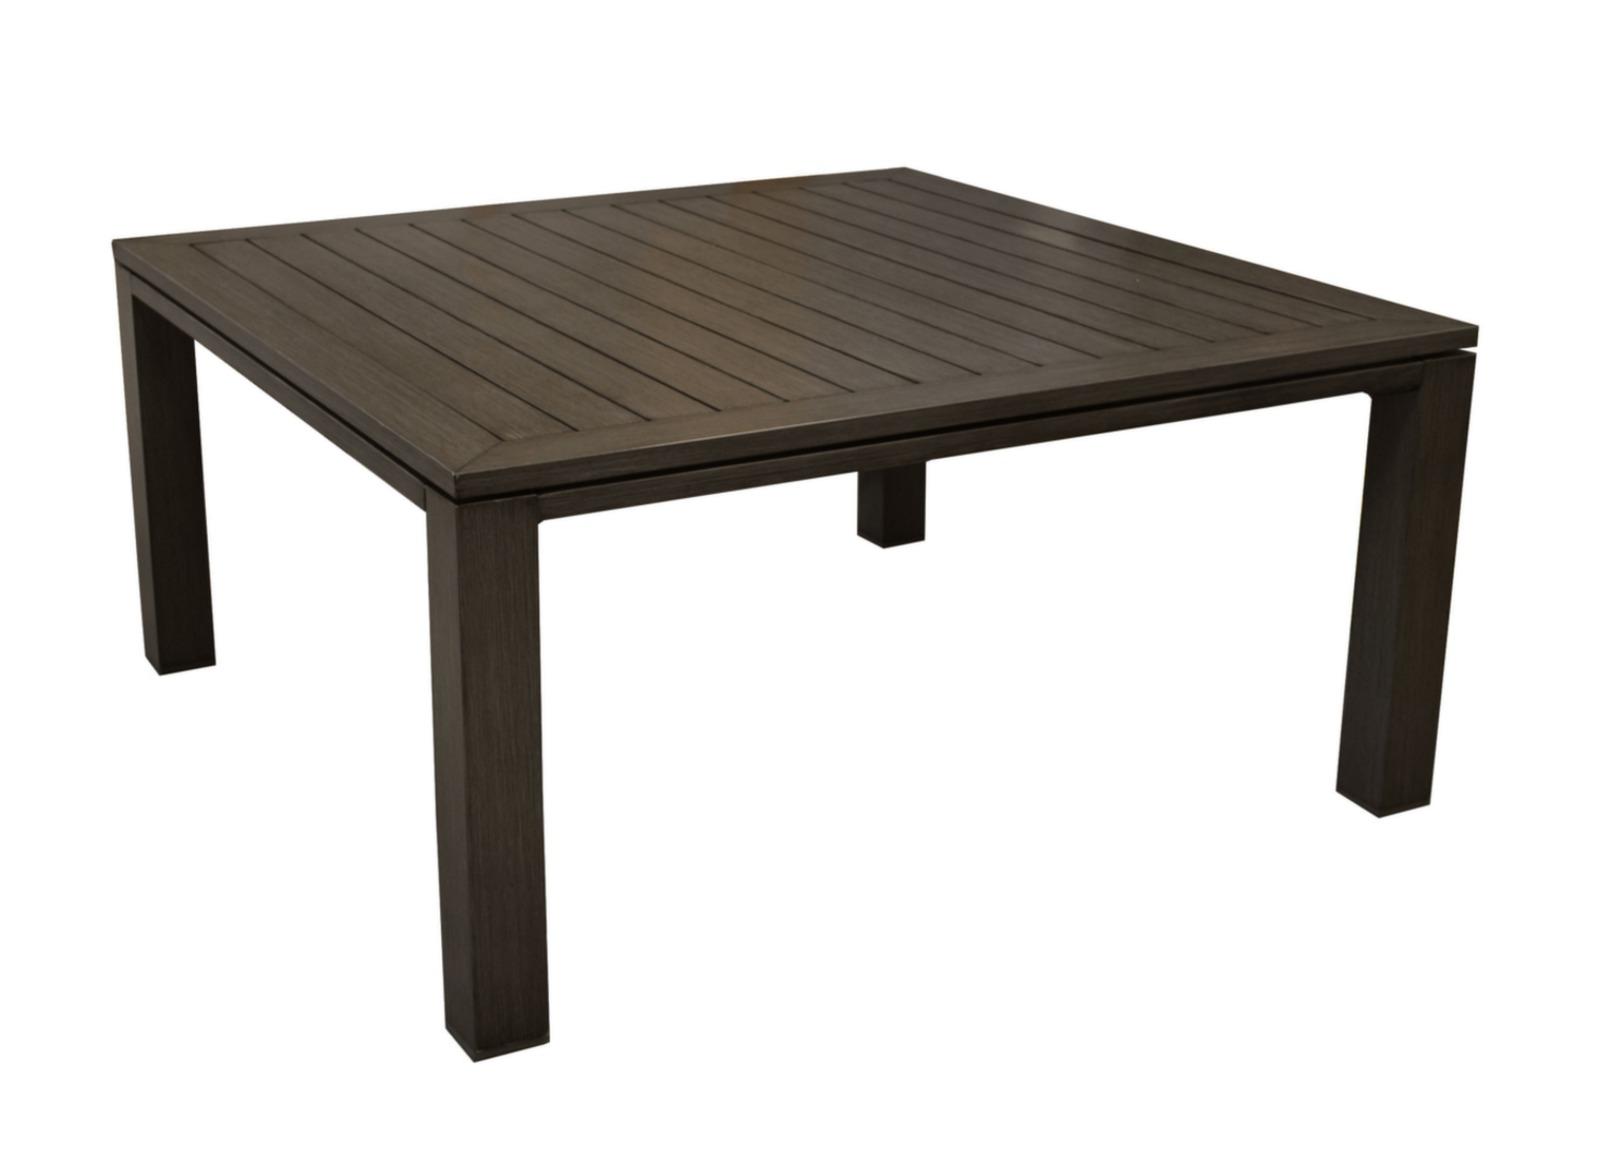 Table de jardin soldes salon de jardin soldes leclerc 6 for Table extensible leclerc